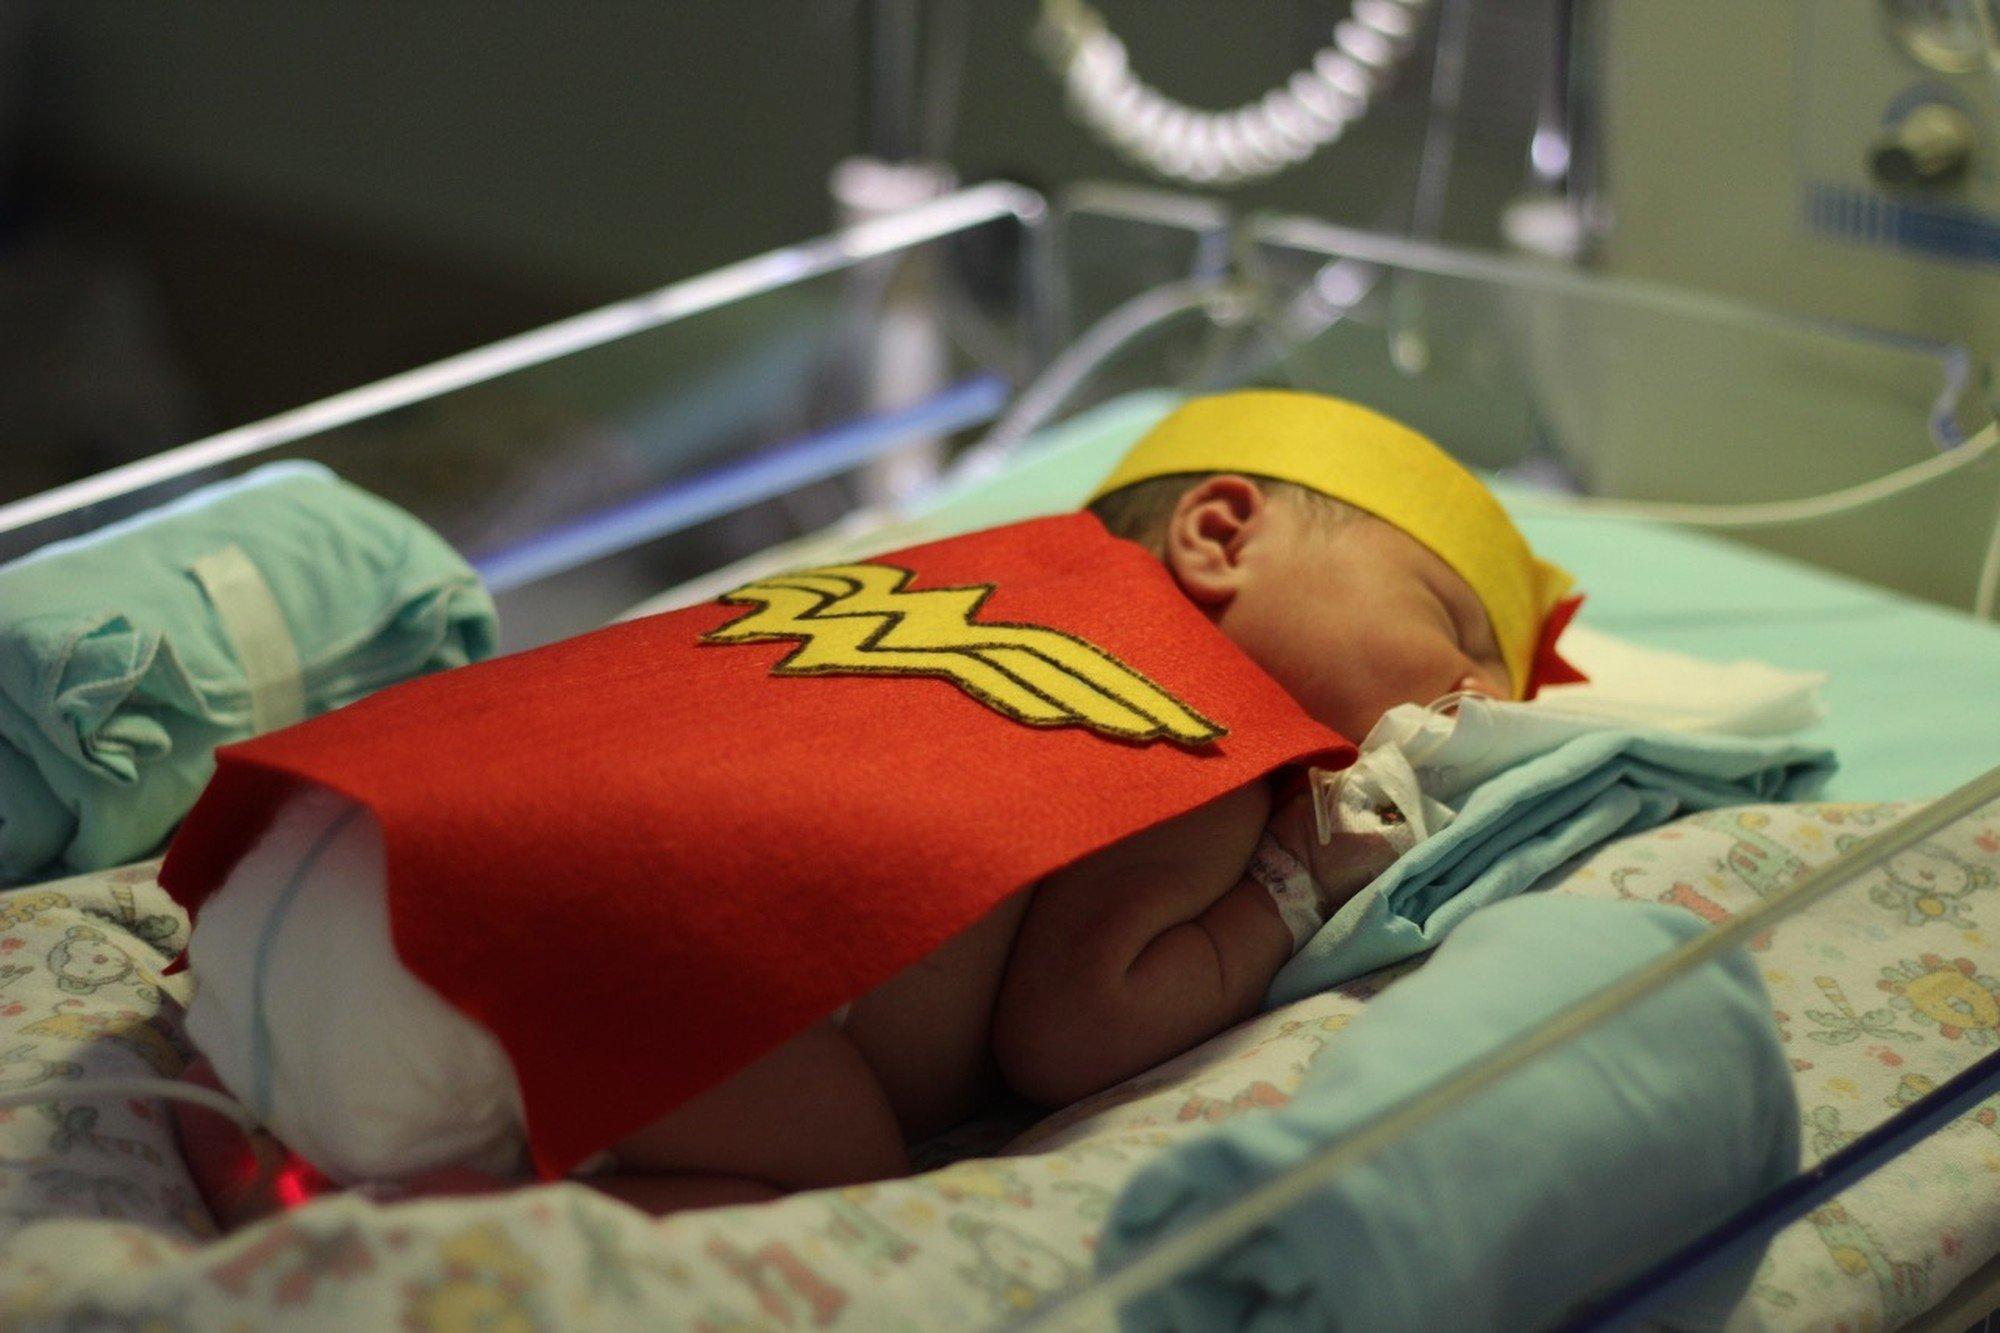 whatsapp image 2018 10 12 at 14 29 39.jpeg?resize=412,232 - Bebês de UTI neonatal são vestidos como super-heróis para celebrar o Dia das Crianças